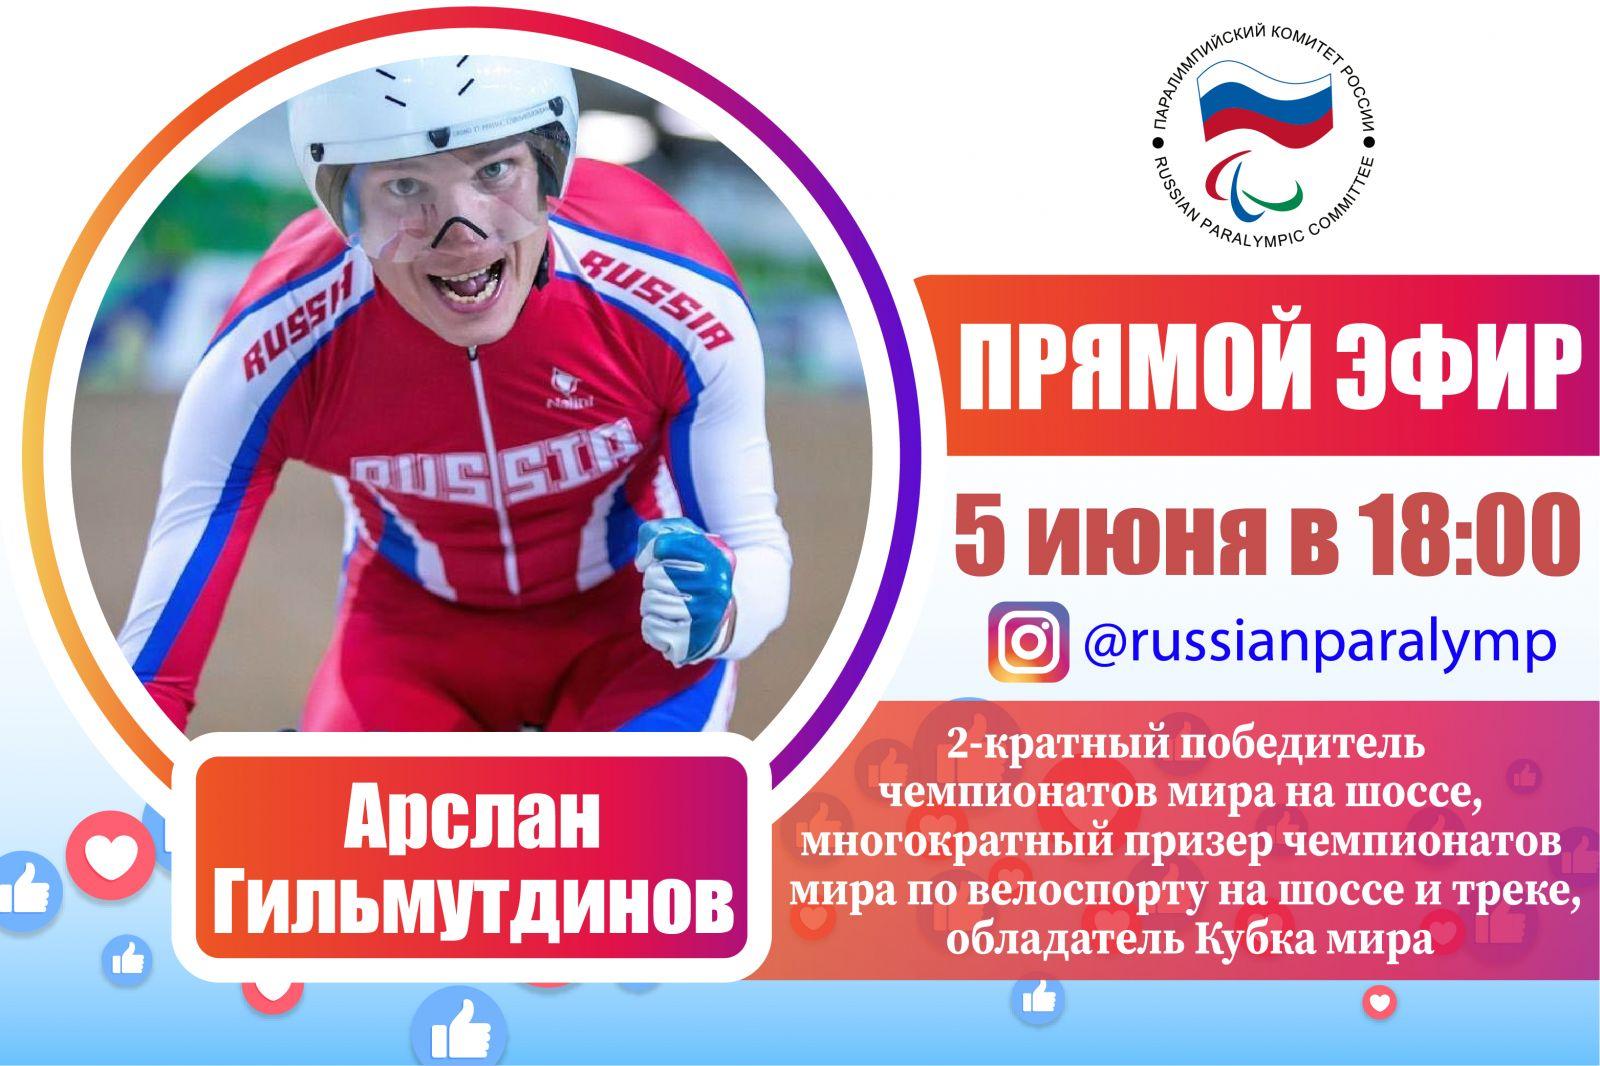 5 июня в 18:00 на нашей странице в Instagram смотрите прямой эфир с 2-кратным чемпионом мира по велоспорту на шоссе среди лиц с ПОДА Арсланом Гильмутдиновым